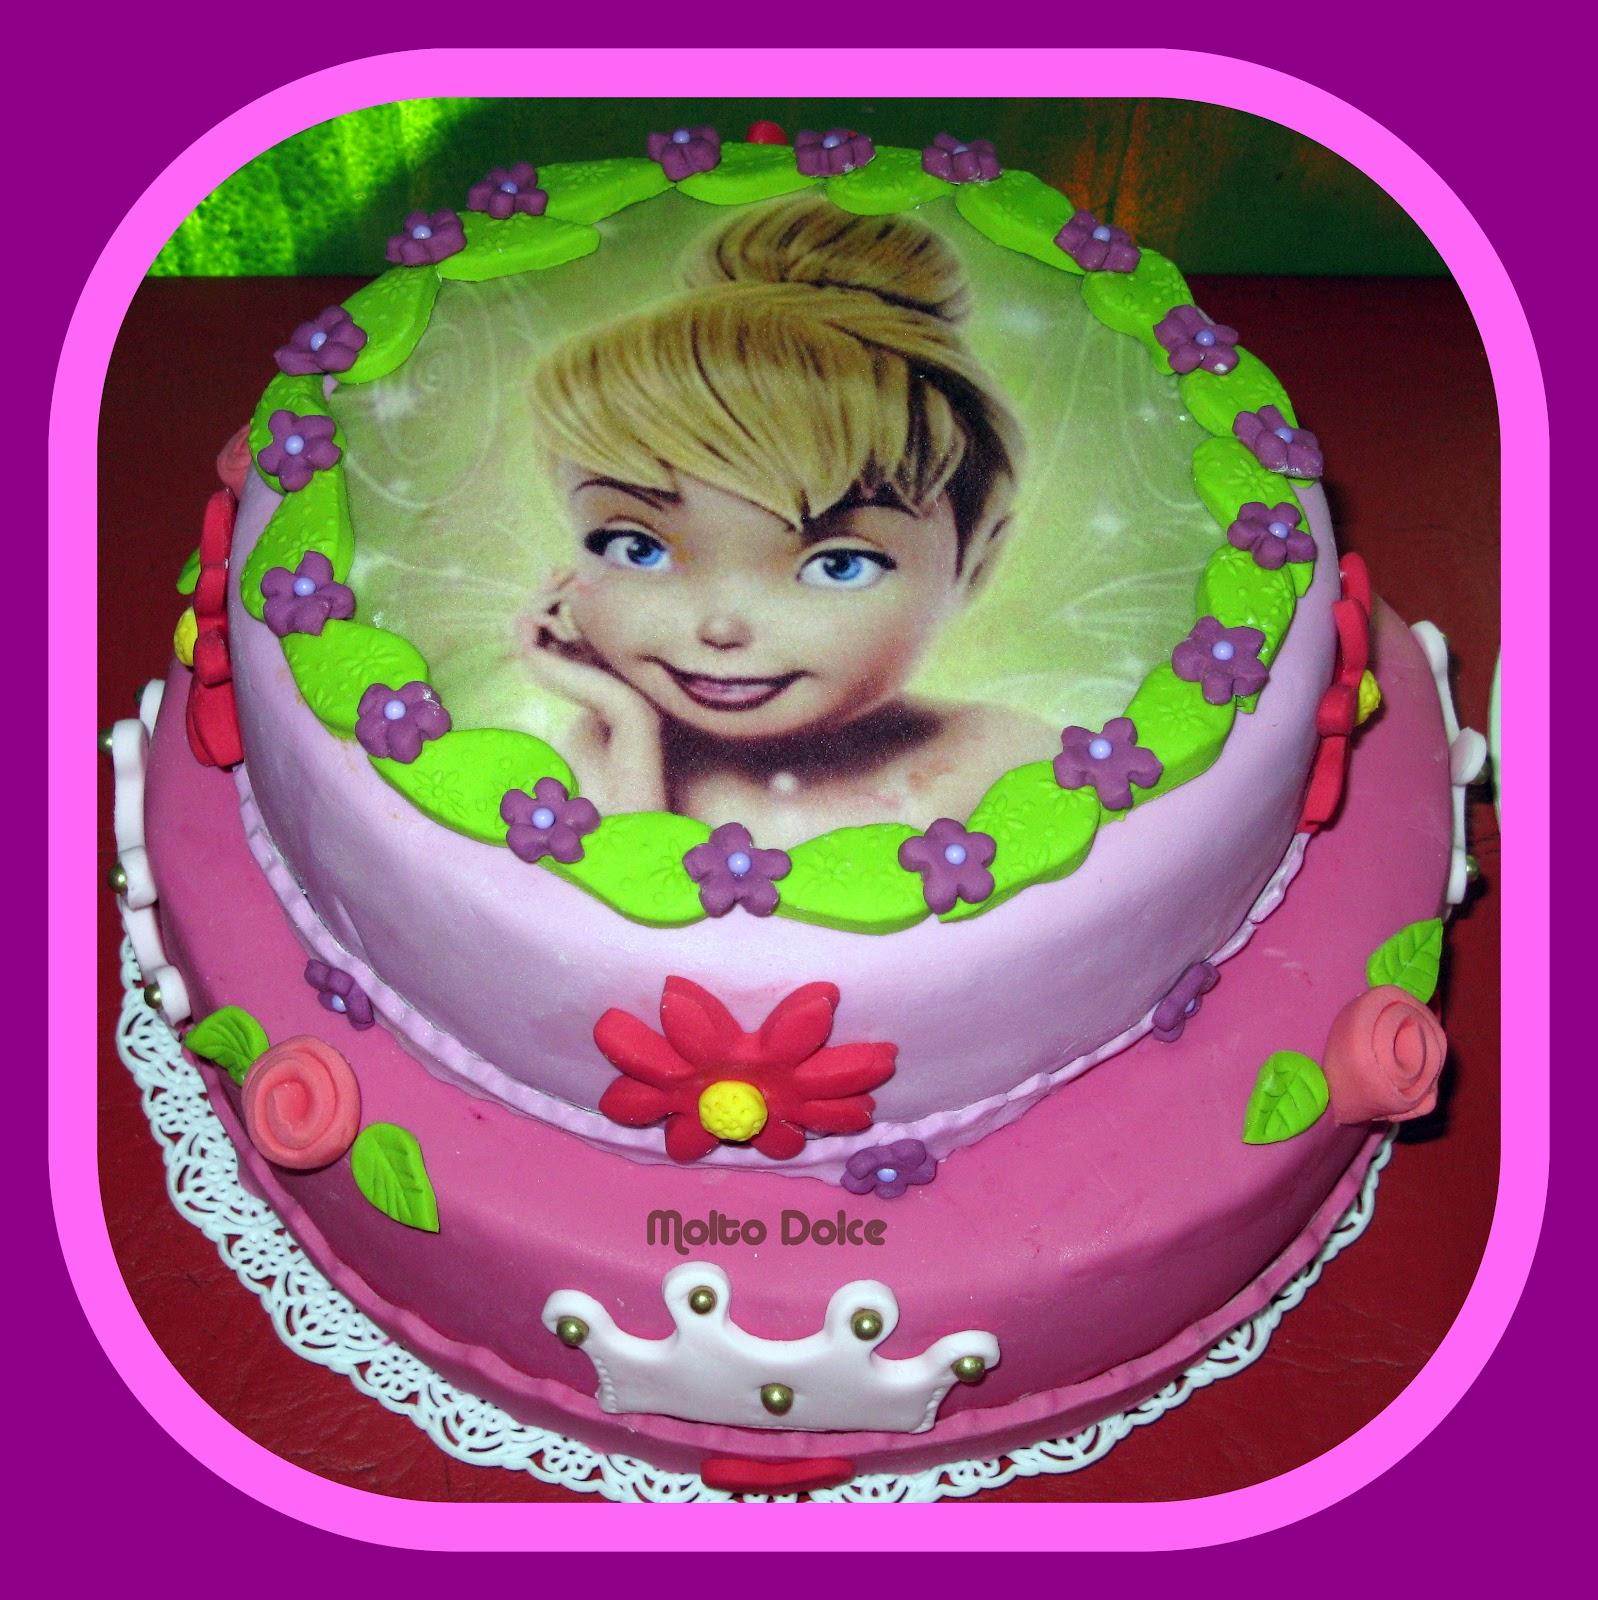 molto dolce: Torta decorada y minicupcakes Tinkerbell y princesas